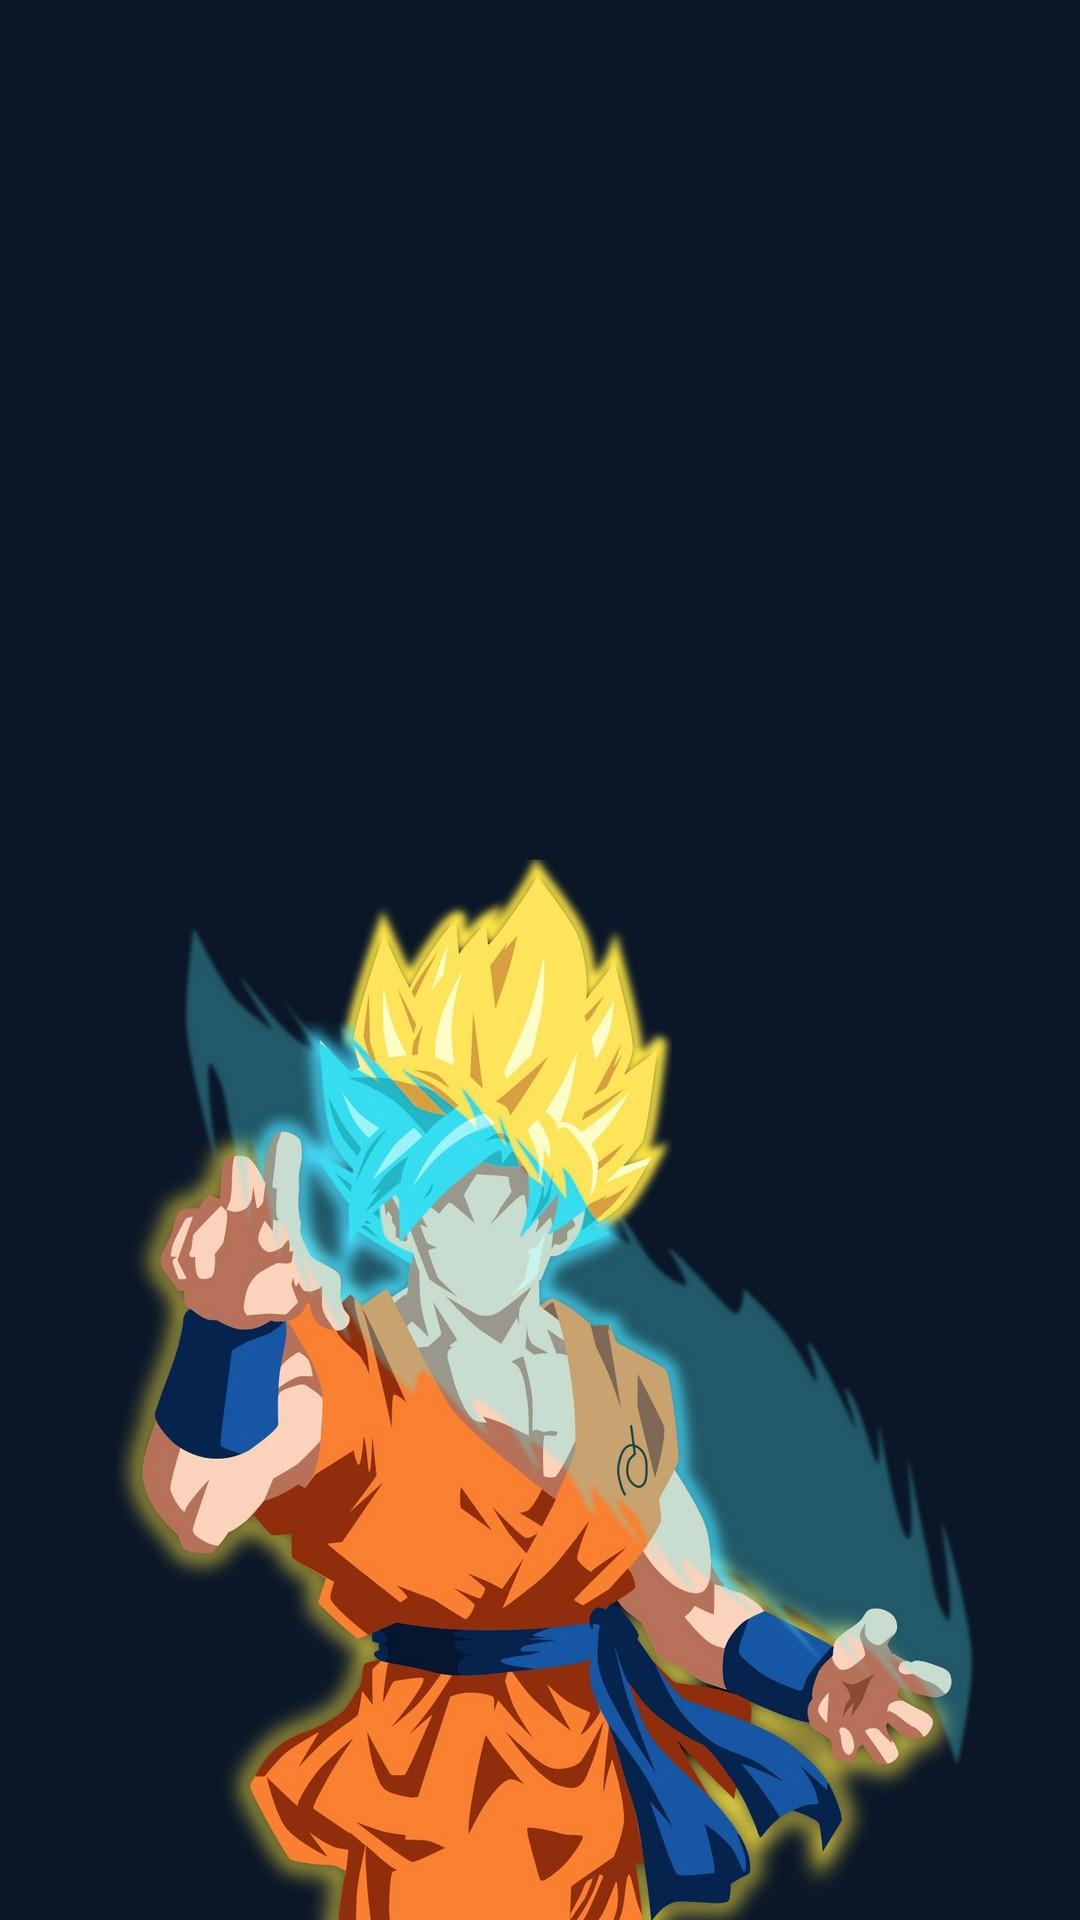 Goku Super Saiyan Anime